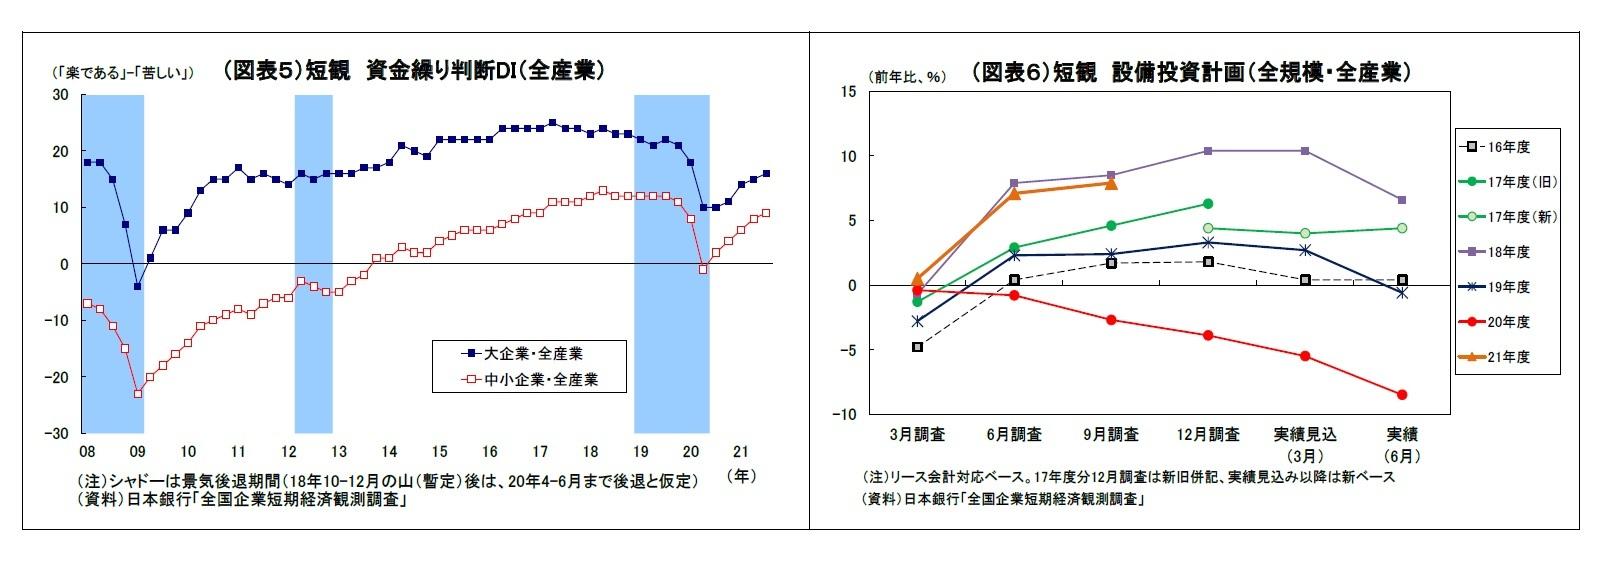 (図表5)短観資金繰り判断DI(全産業)/(図表6)短観設備投資計画(全規模・全産業)